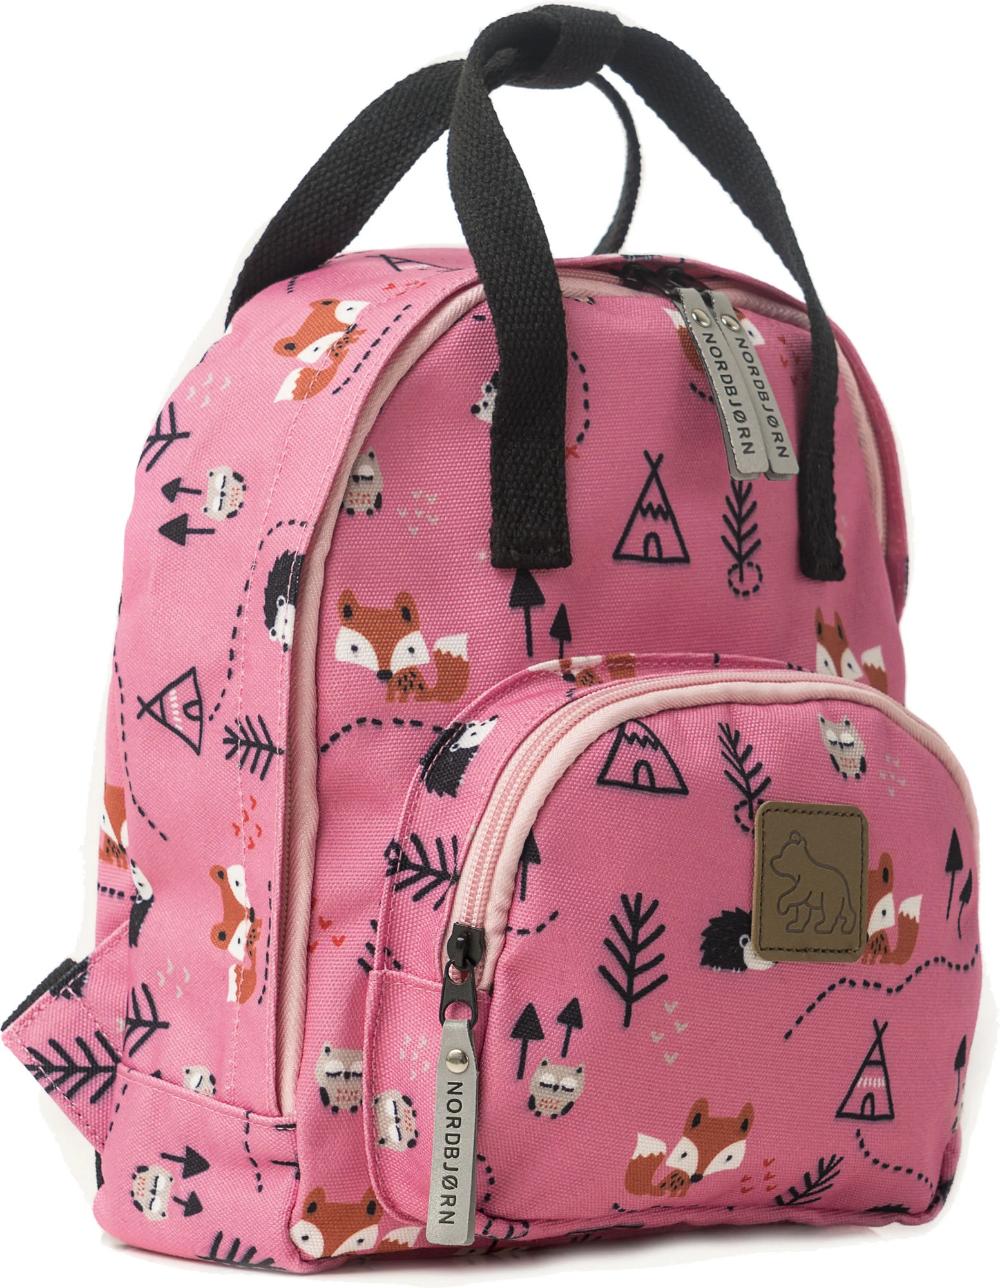 Ryggsäckar | Populära ryggsäckar till barn | Jollyroom